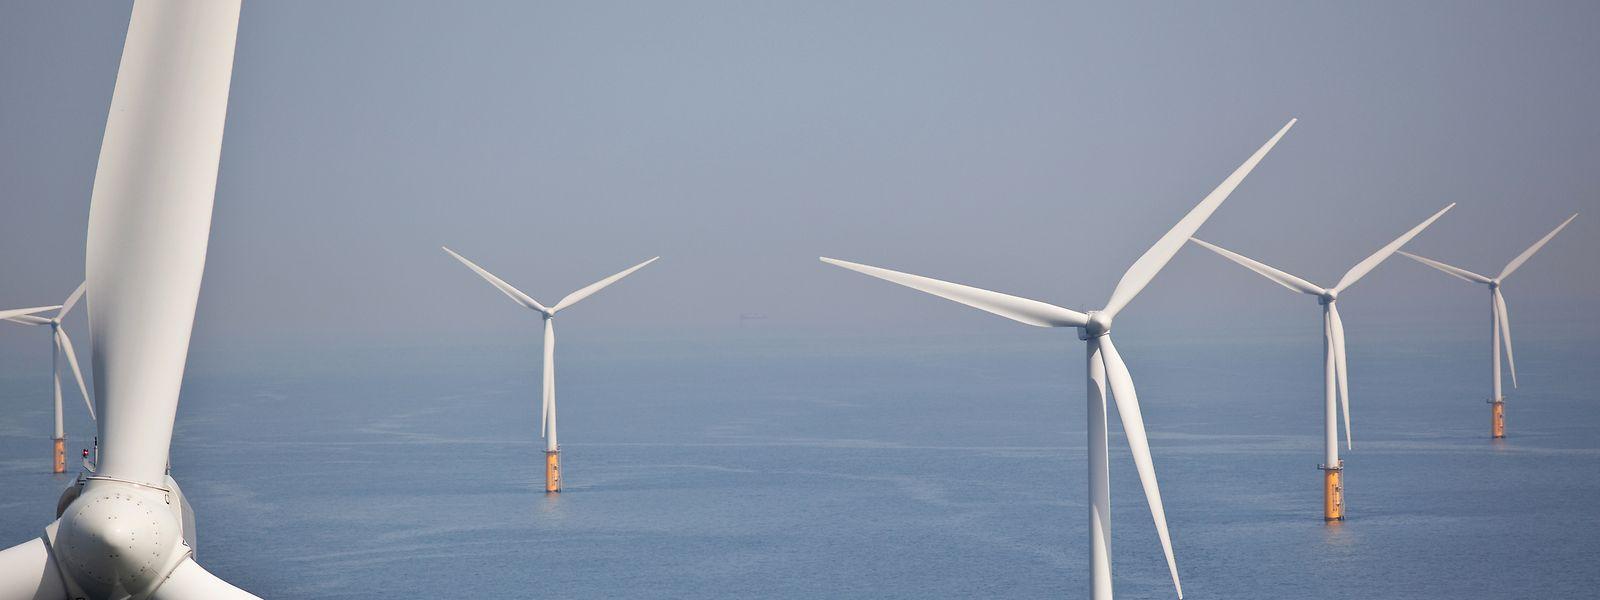 """Luxemburg beteiligt sich am dänischen Projekt """"Energy Island"""" - die EU-Kommission spricht sich für Offshore-Windparks vom Produktionsvolumen über 300 GW-Strom aus."""